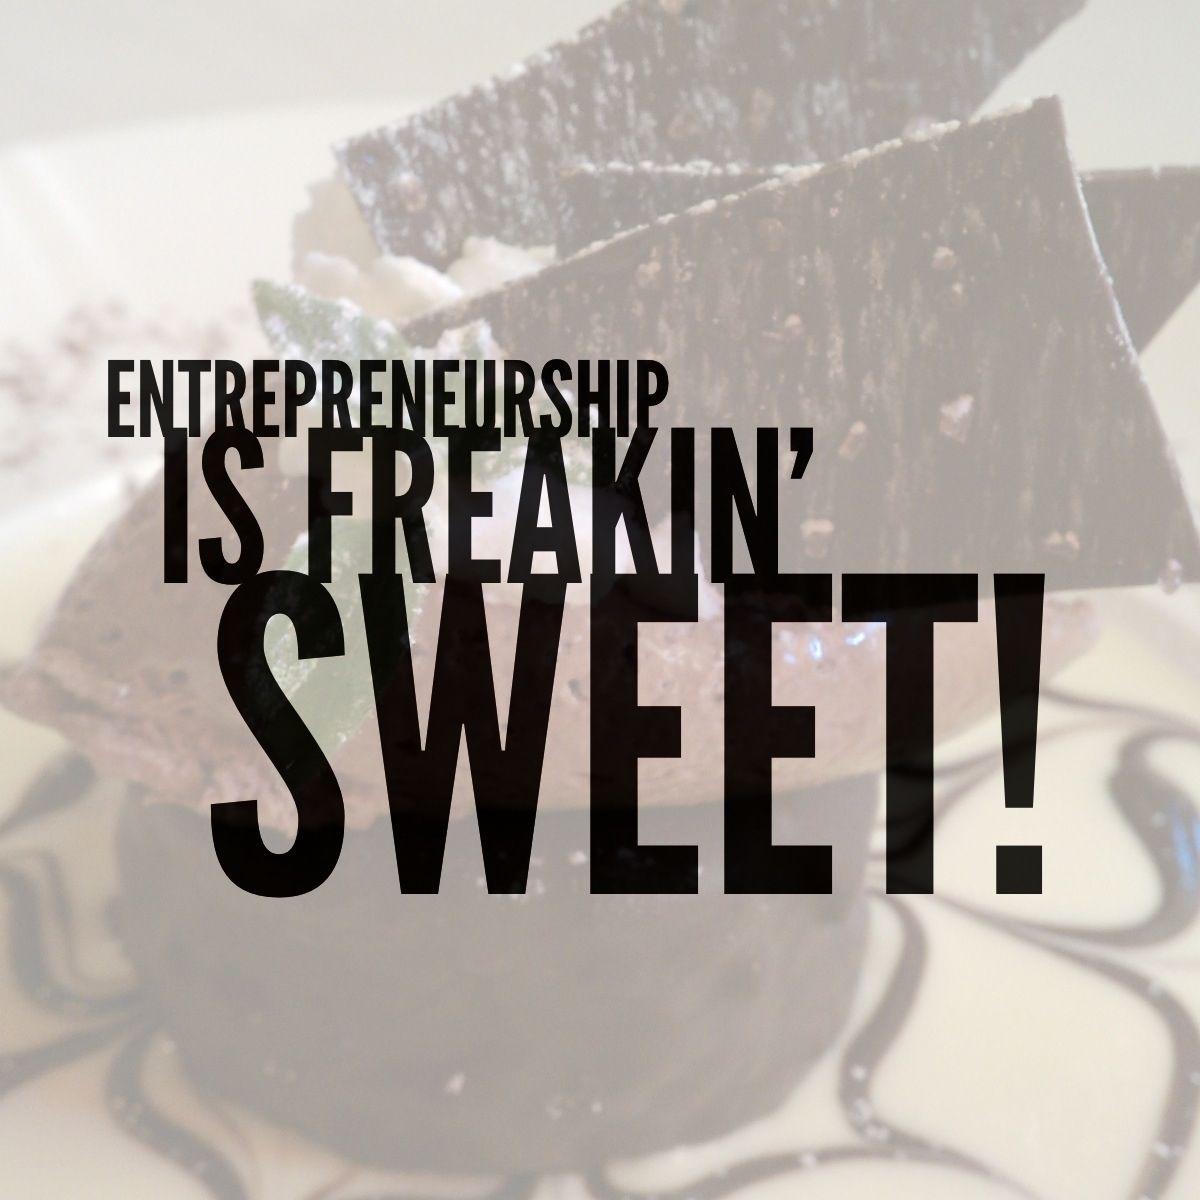 Being an entrepreneur is just freakin' sweet!